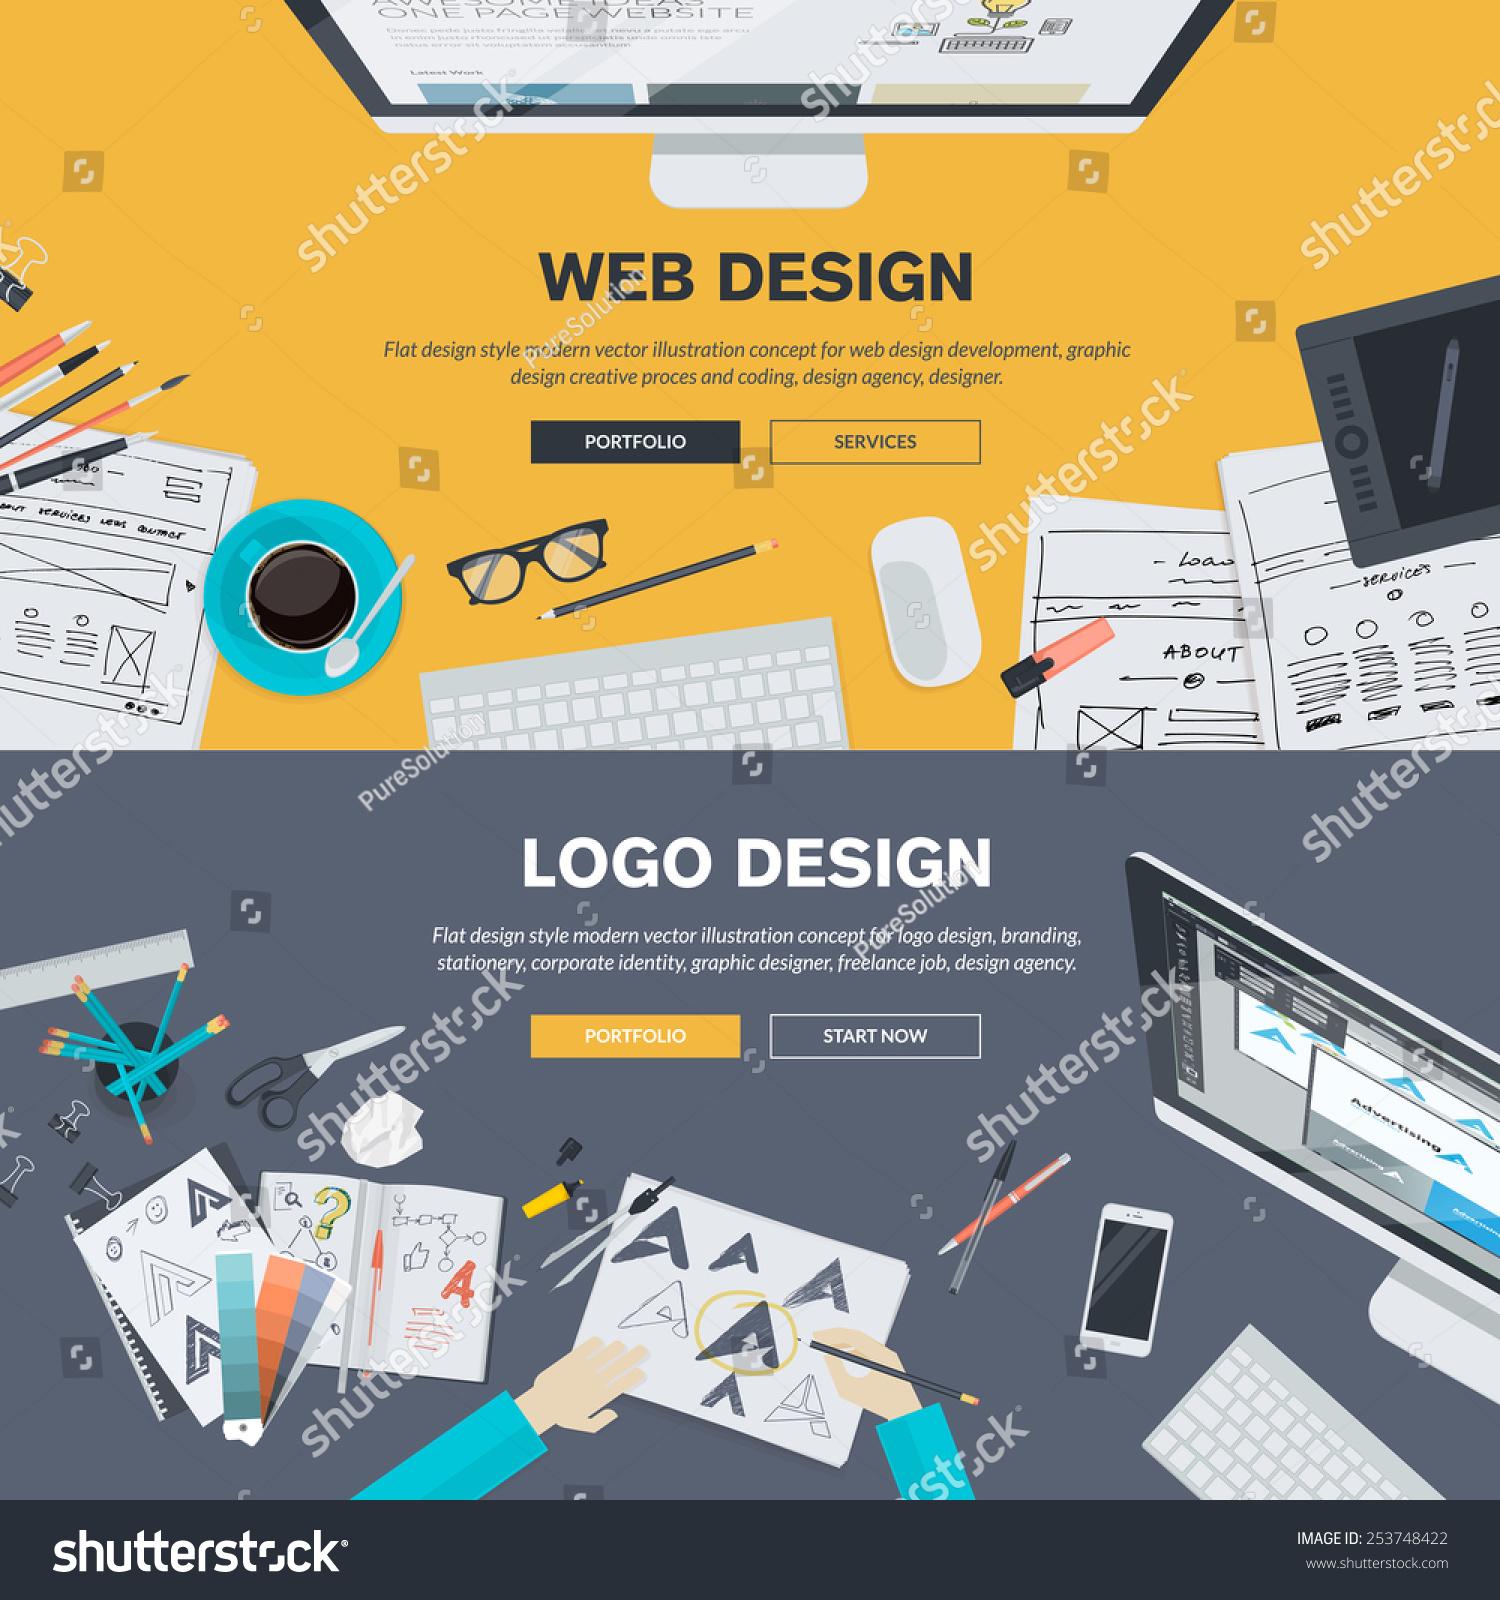 how to become a web developer designer